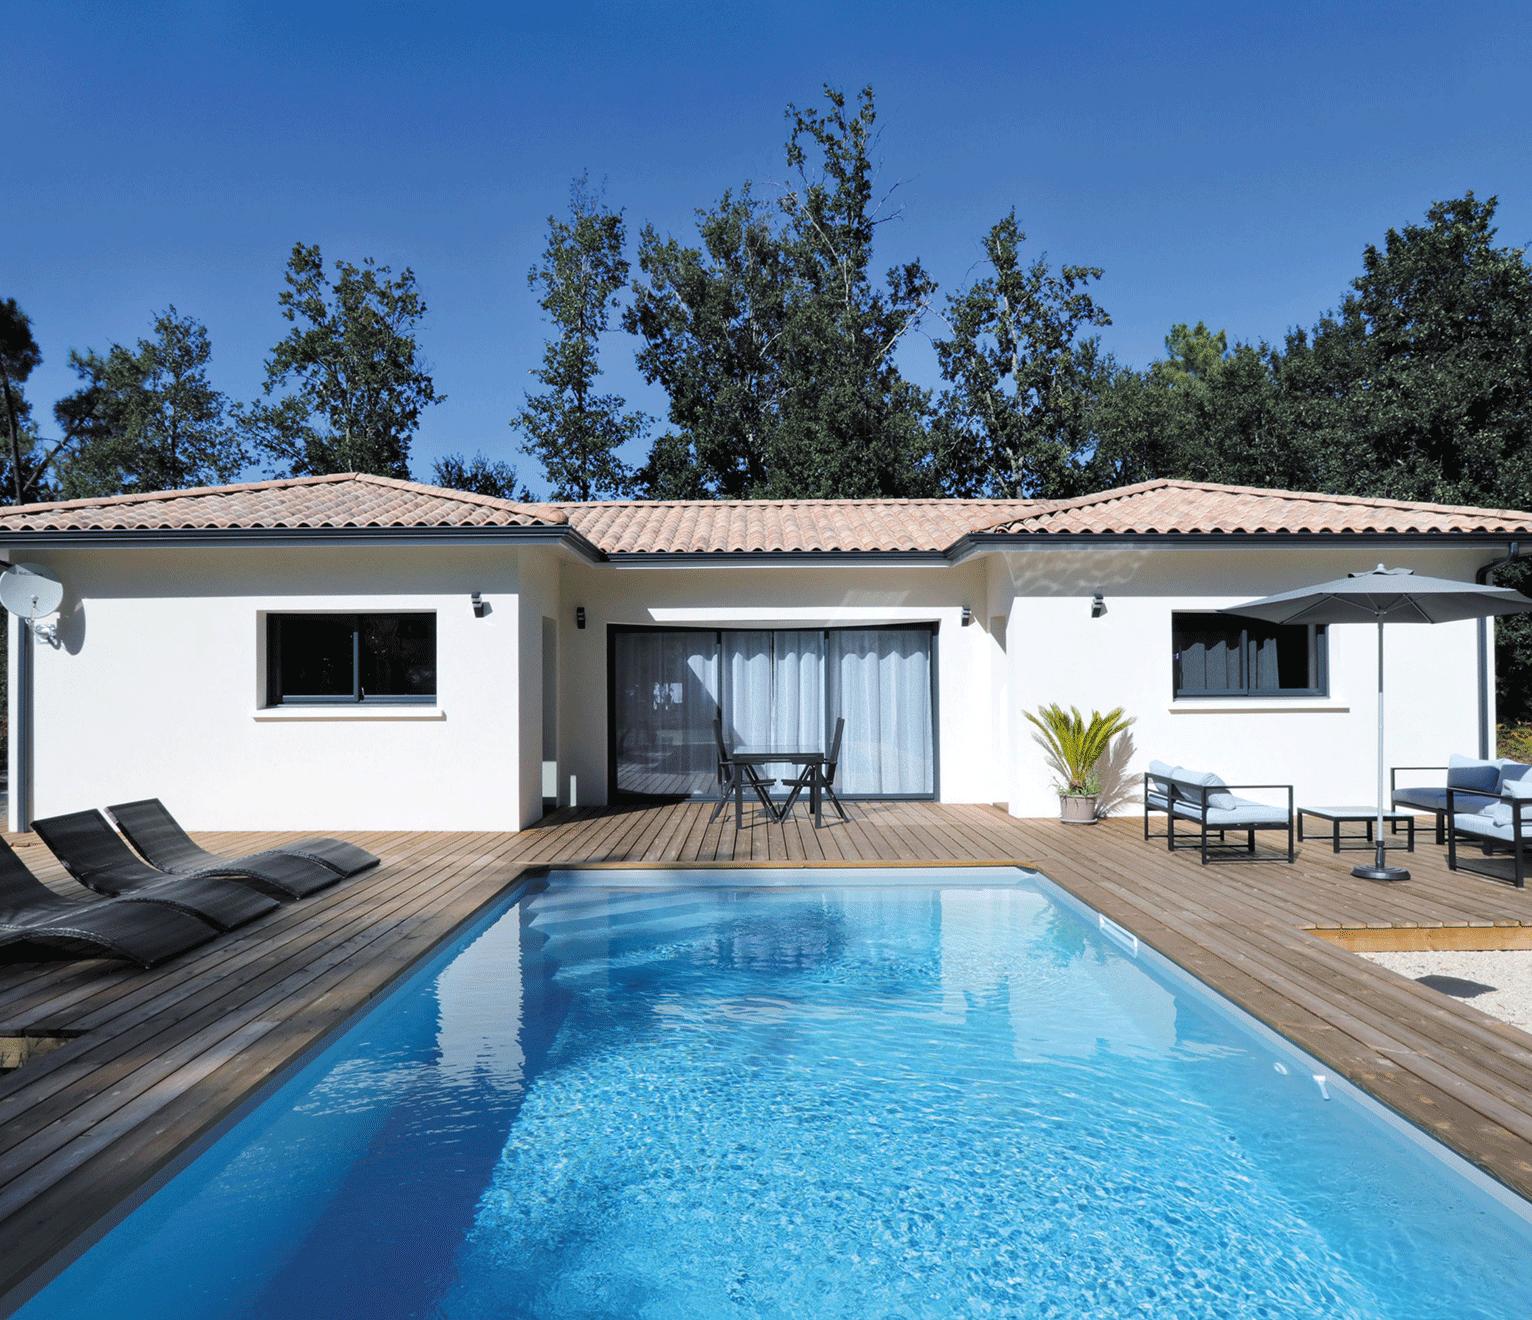 maison moderne avec un plan en H